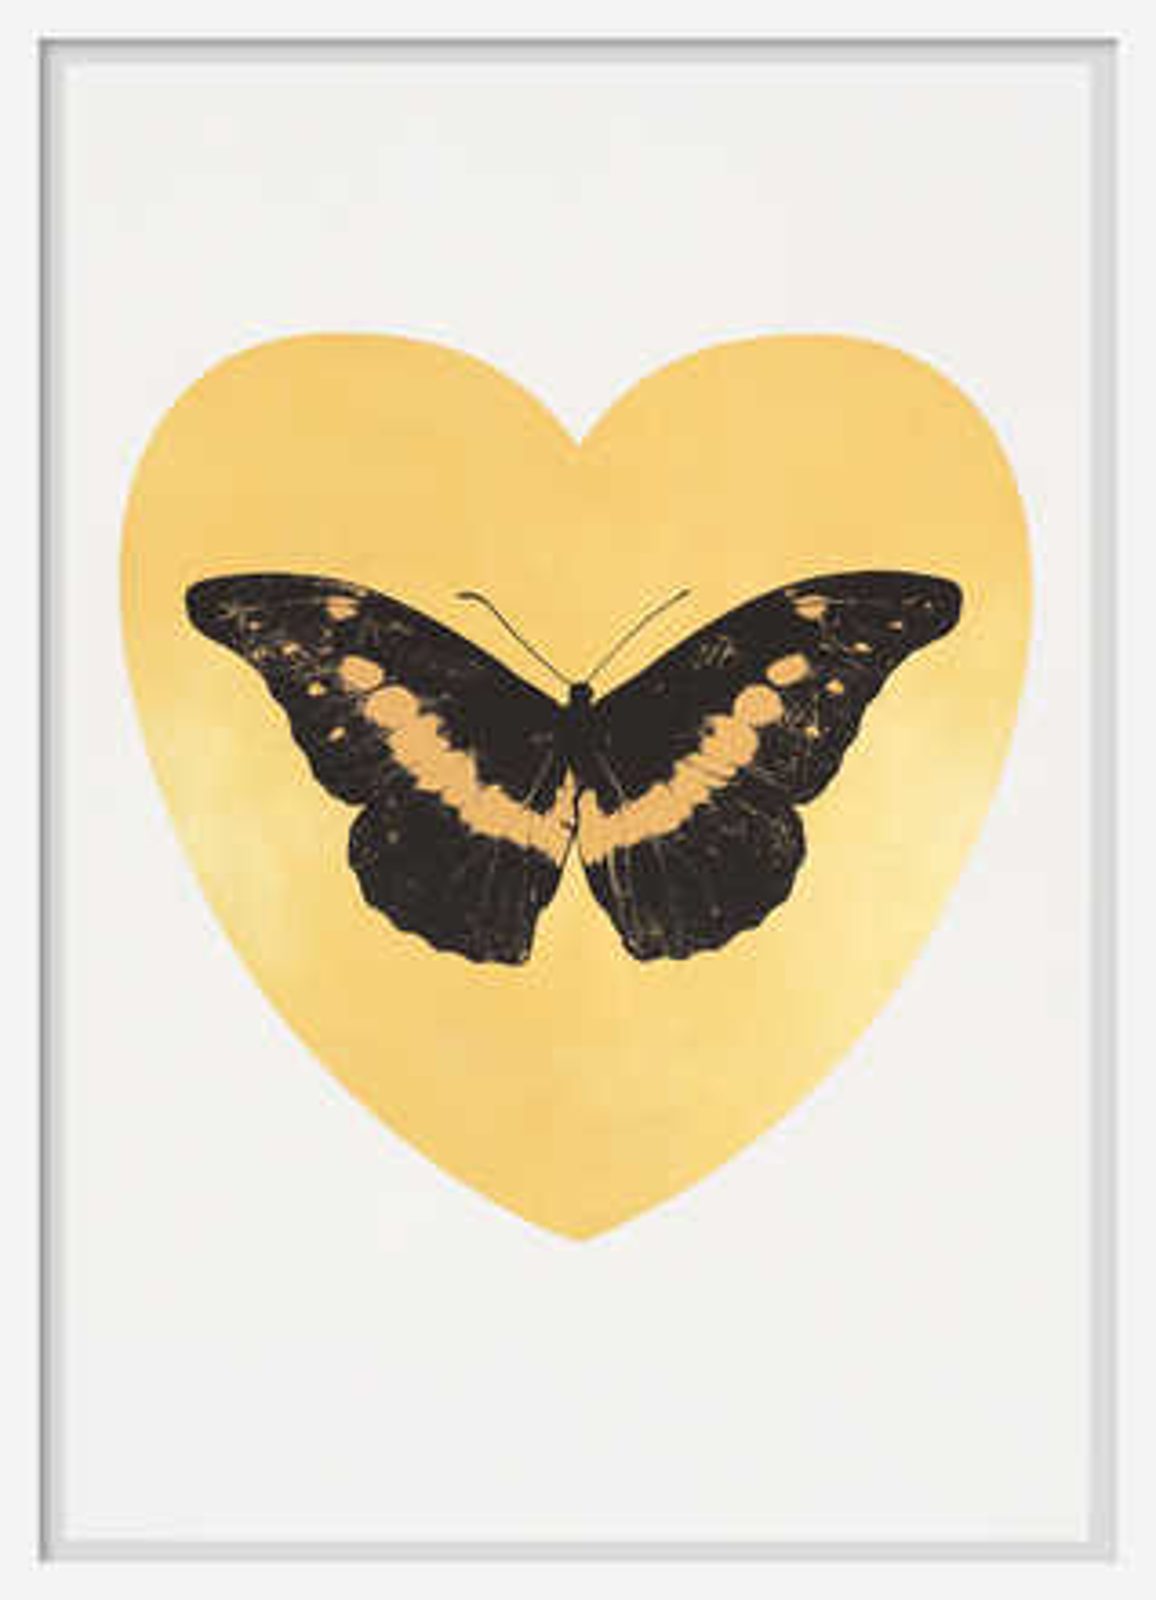 I Love You - gold leaf, black, cool gold - Damien Hirst